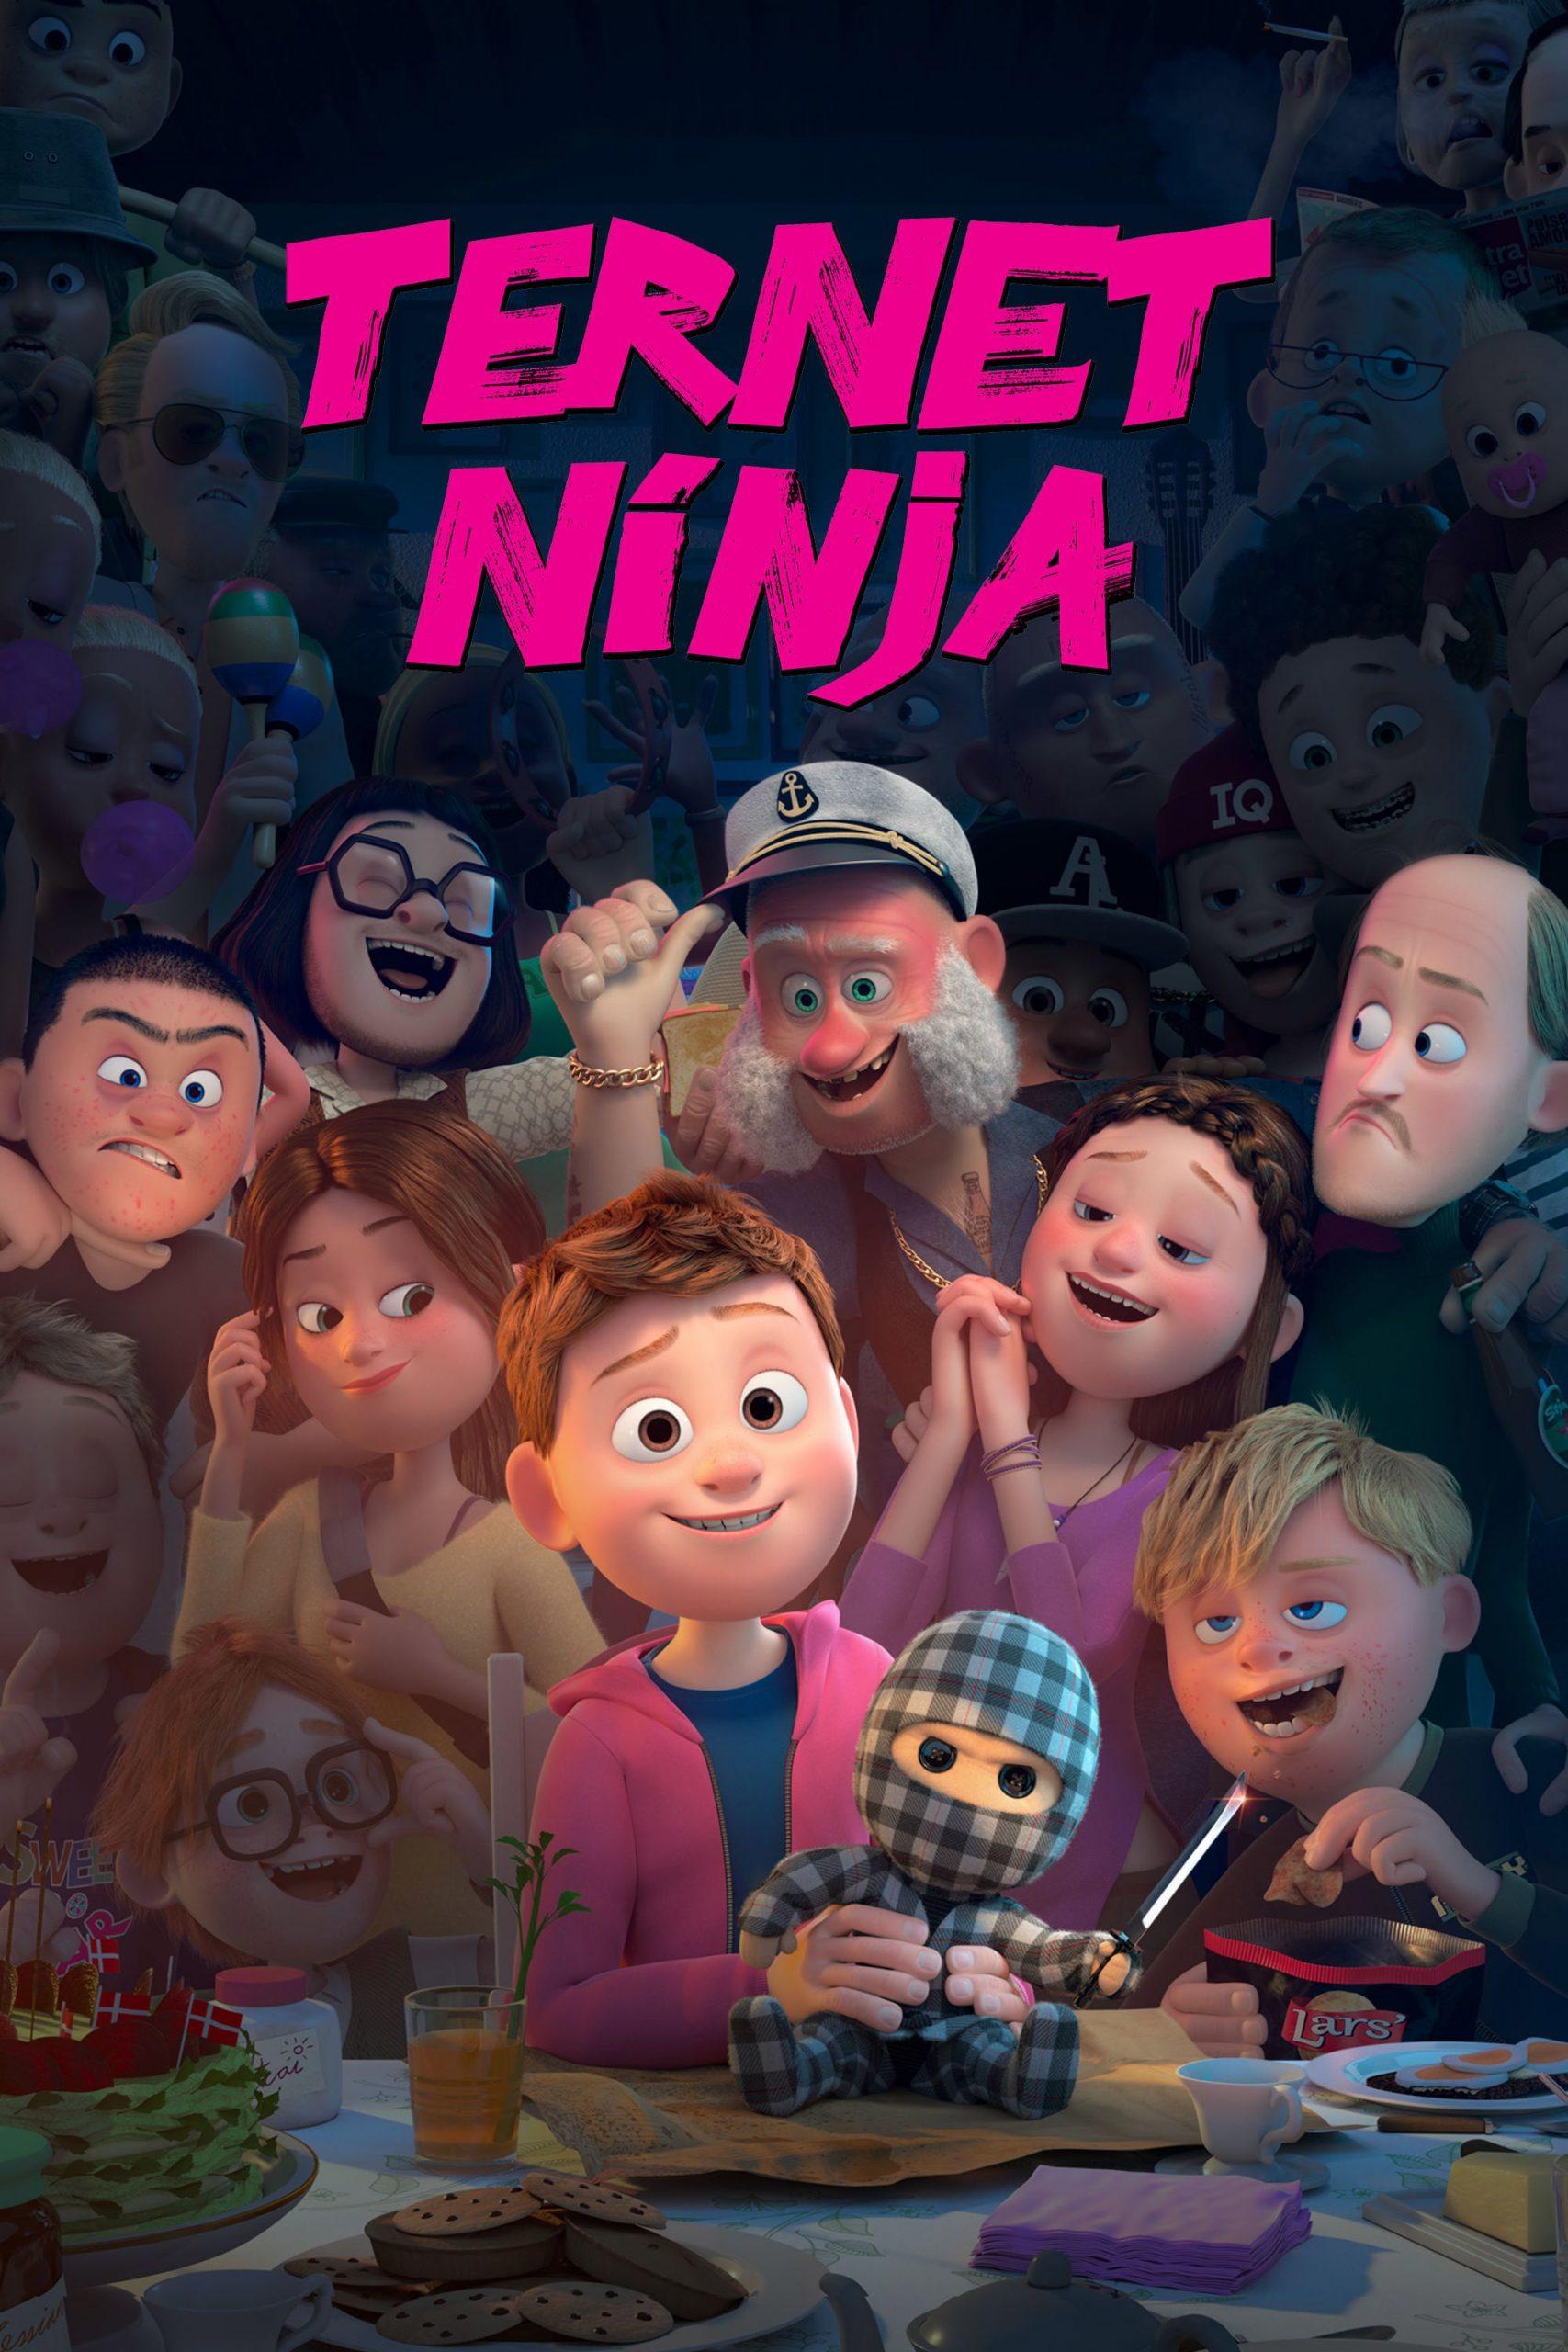 دانلود انیمیشن Ternet ninja 2018 دوبله فارسی